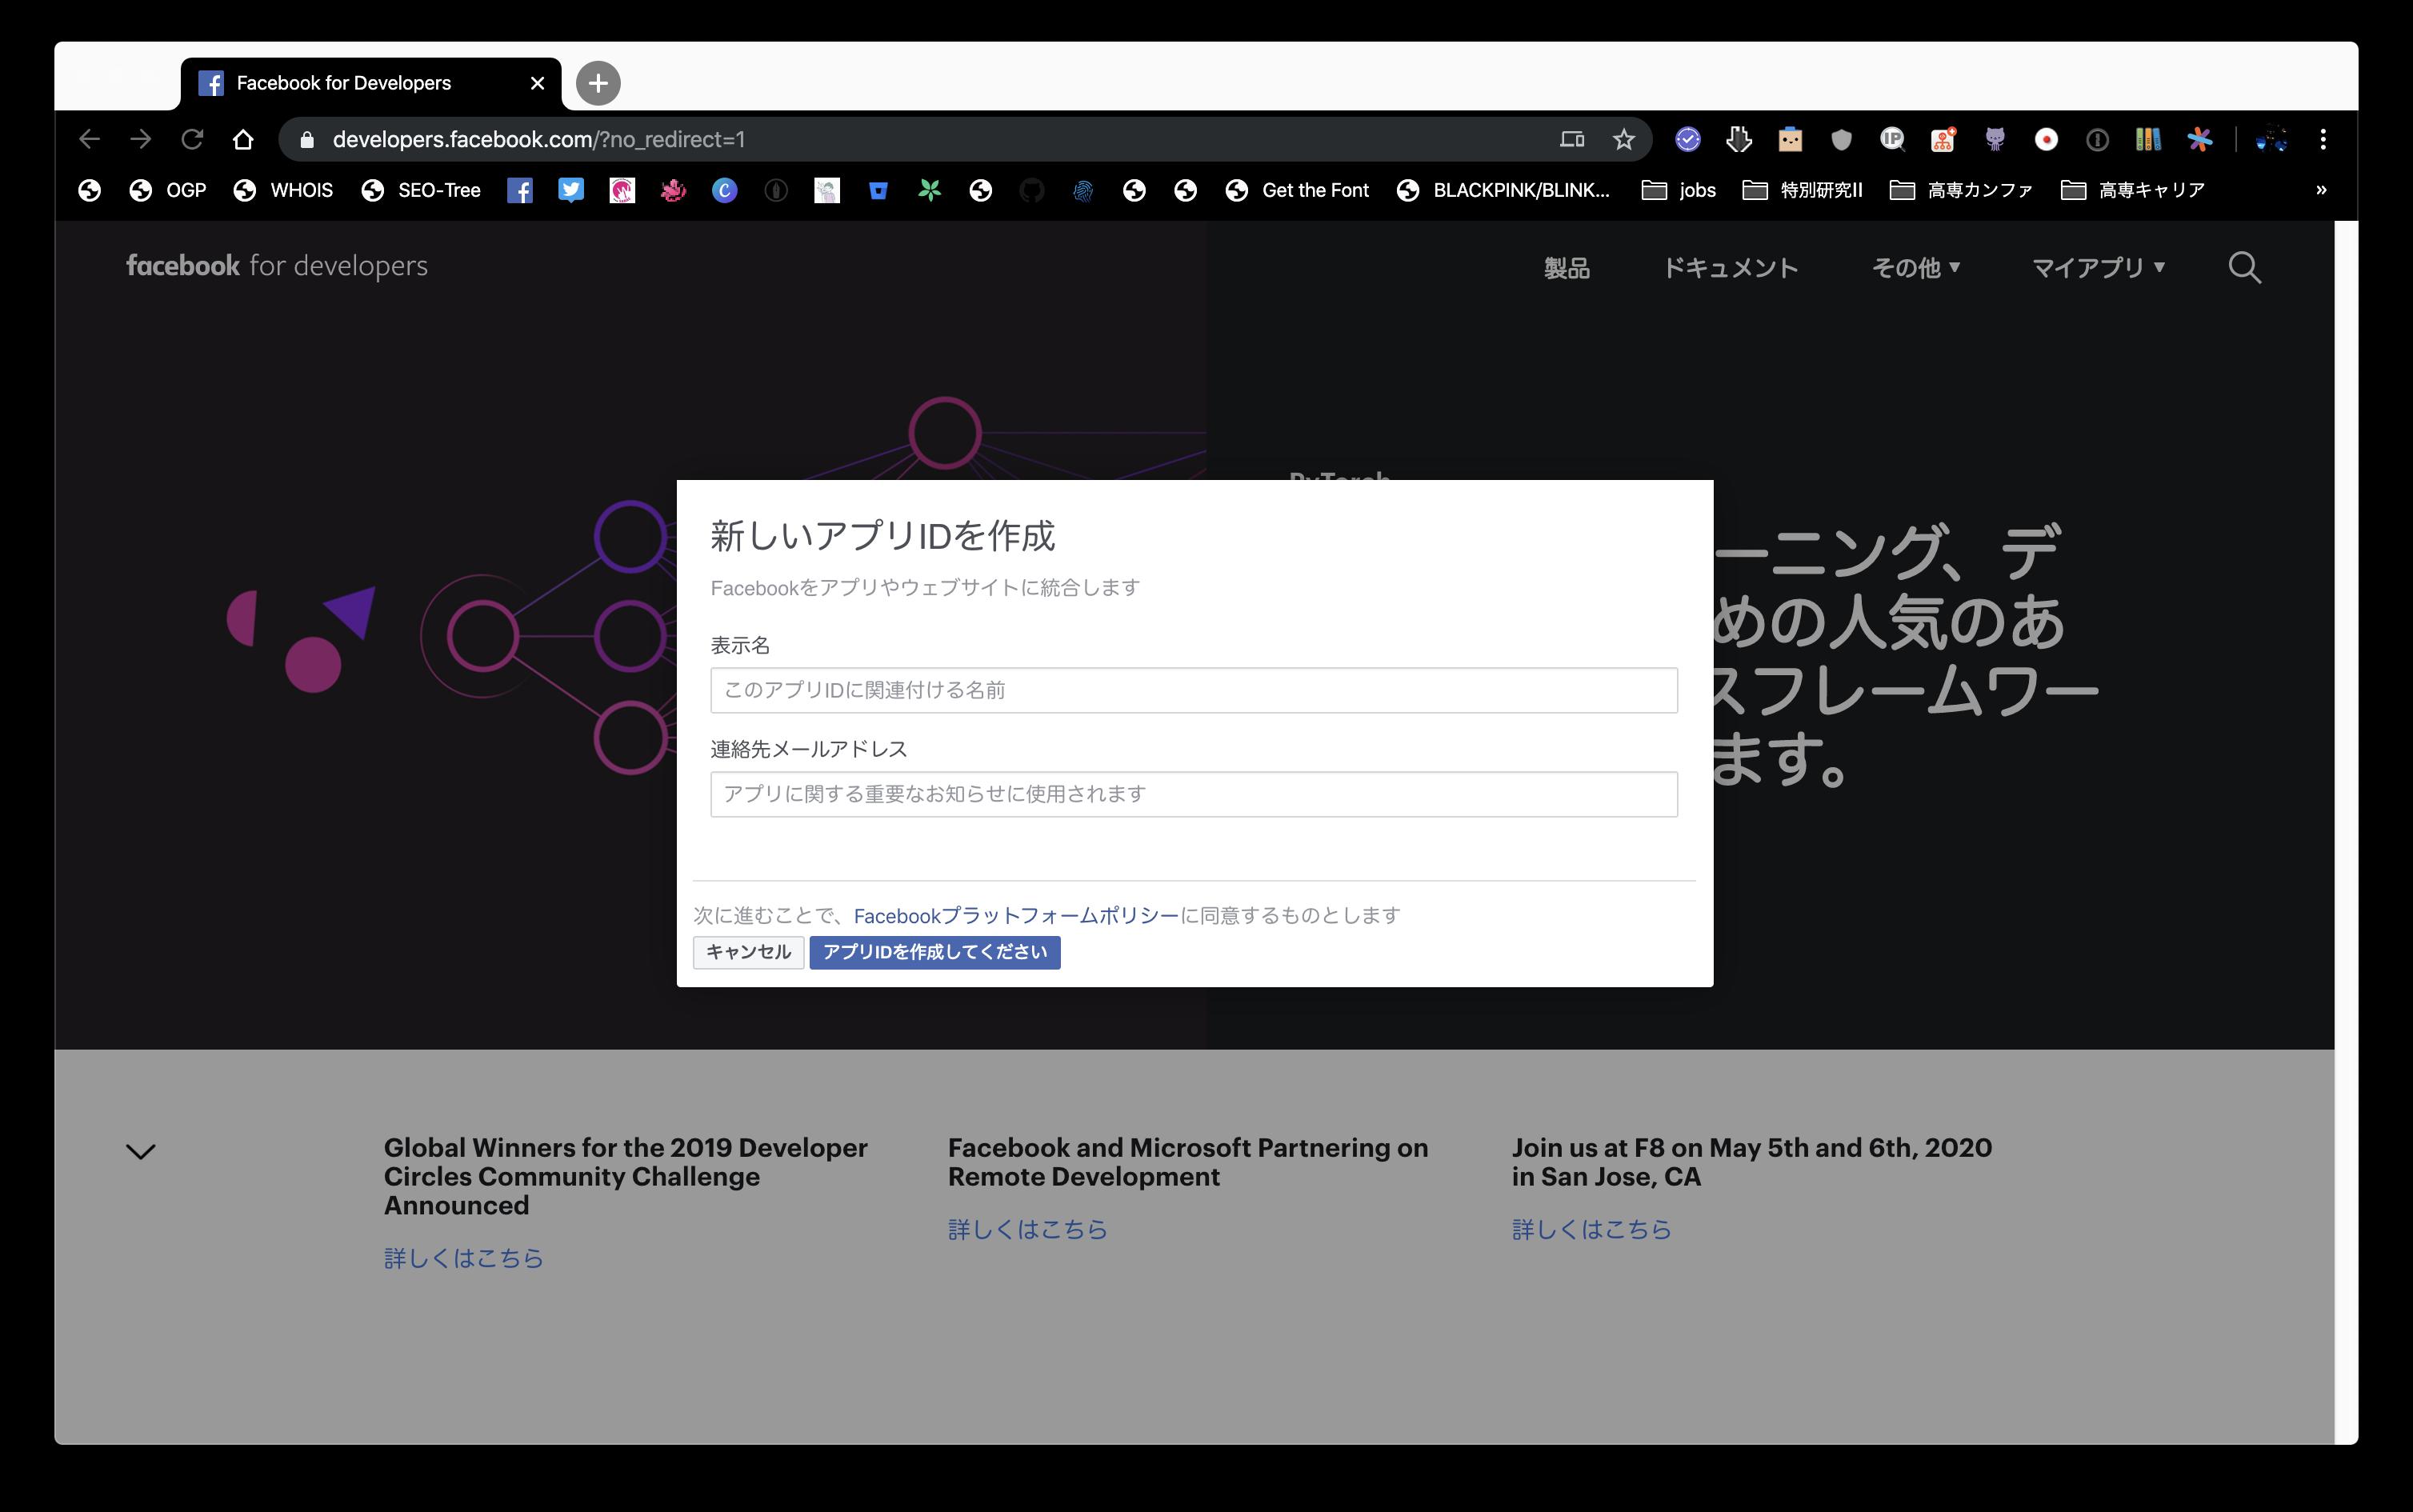 スクリーンショット 2019-12-13 0.17.30.png